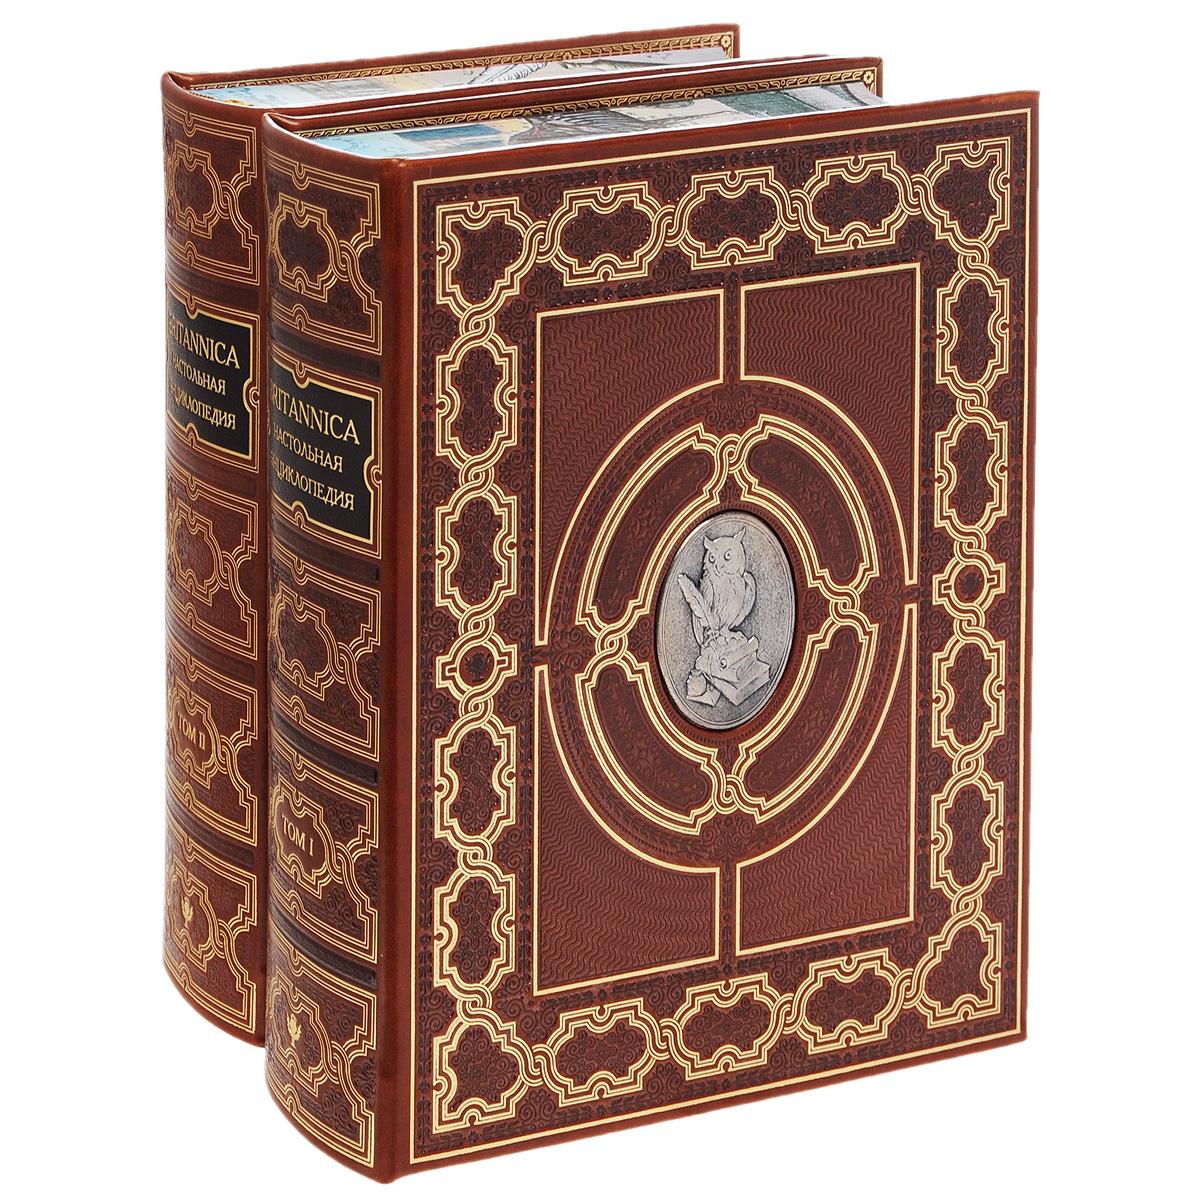 Britannica. Настольная энциклопедия. В 2 томах (эксклюзивный подарочный комплект из 2 книг)